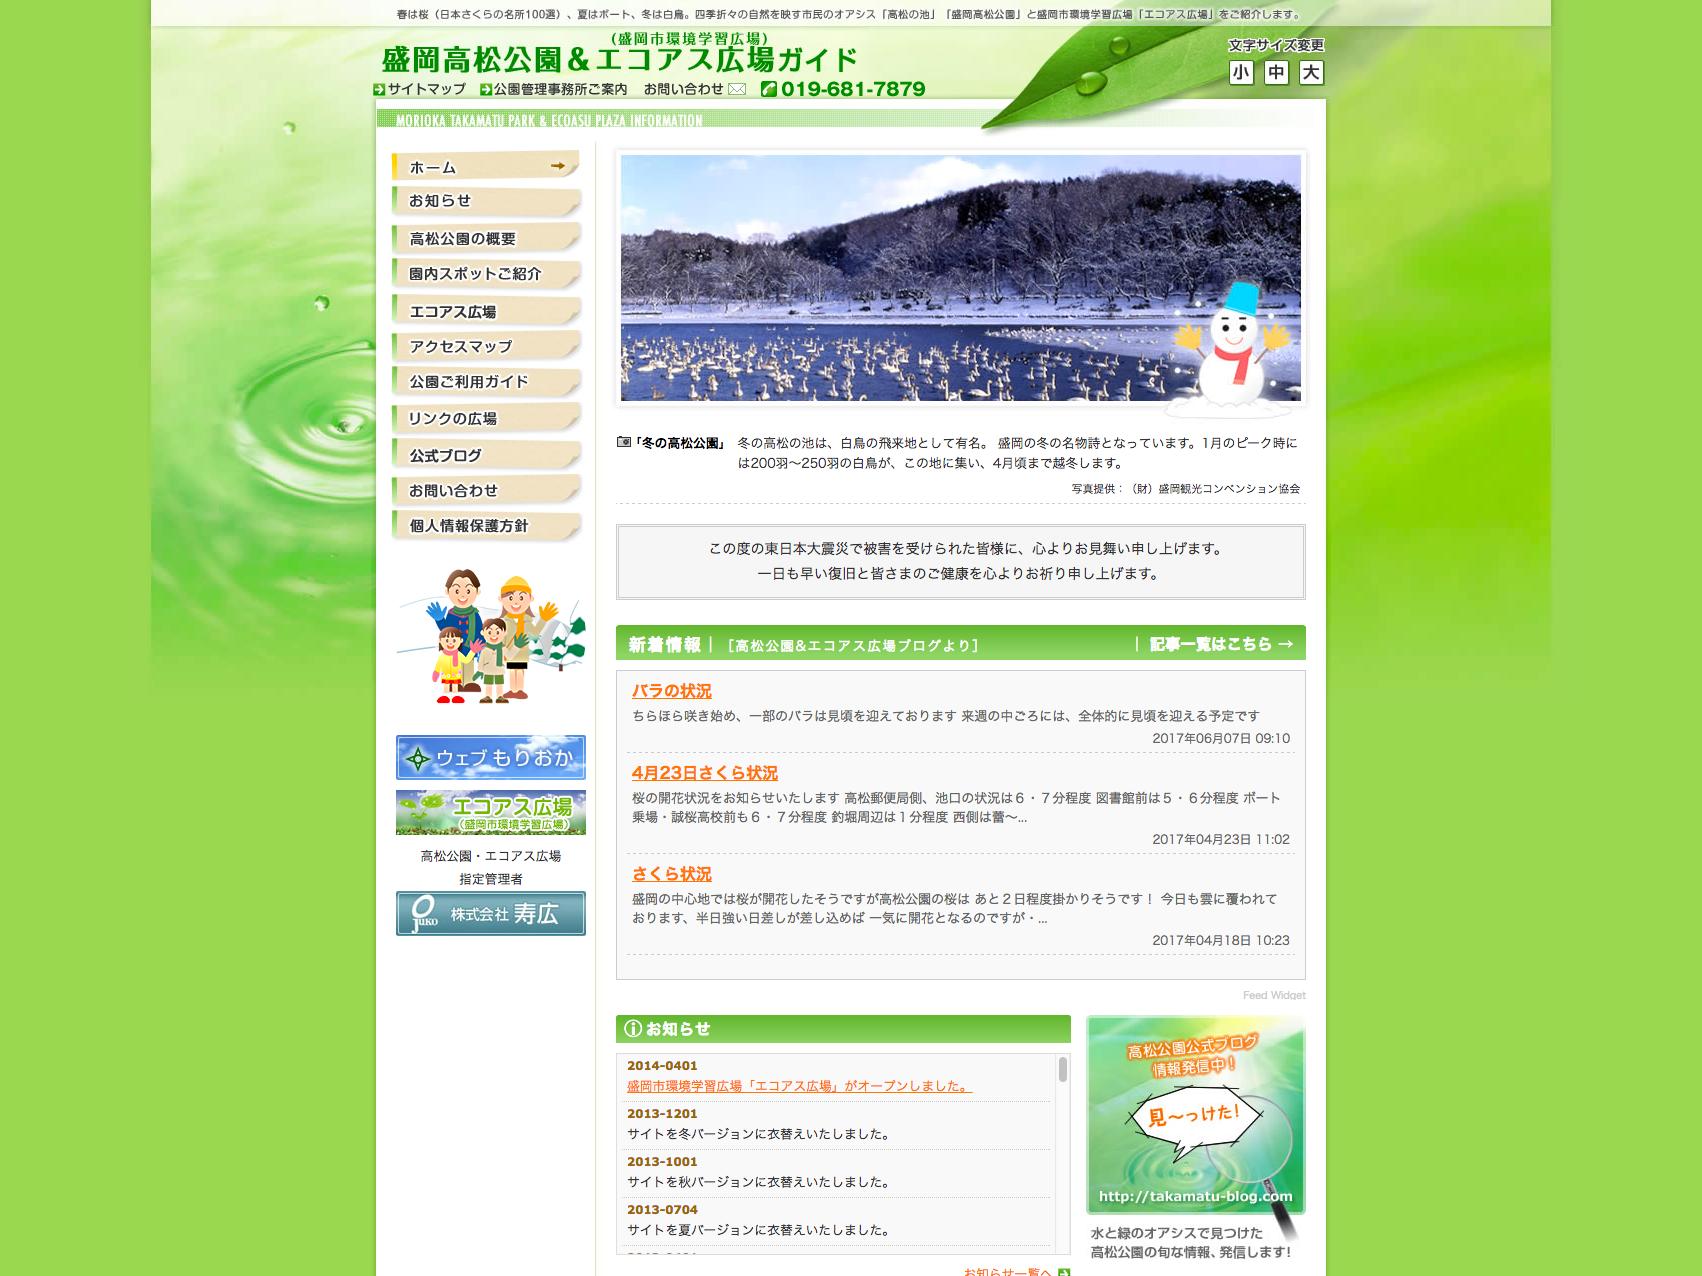 盛岡高松公園&エコアス広場ガイド